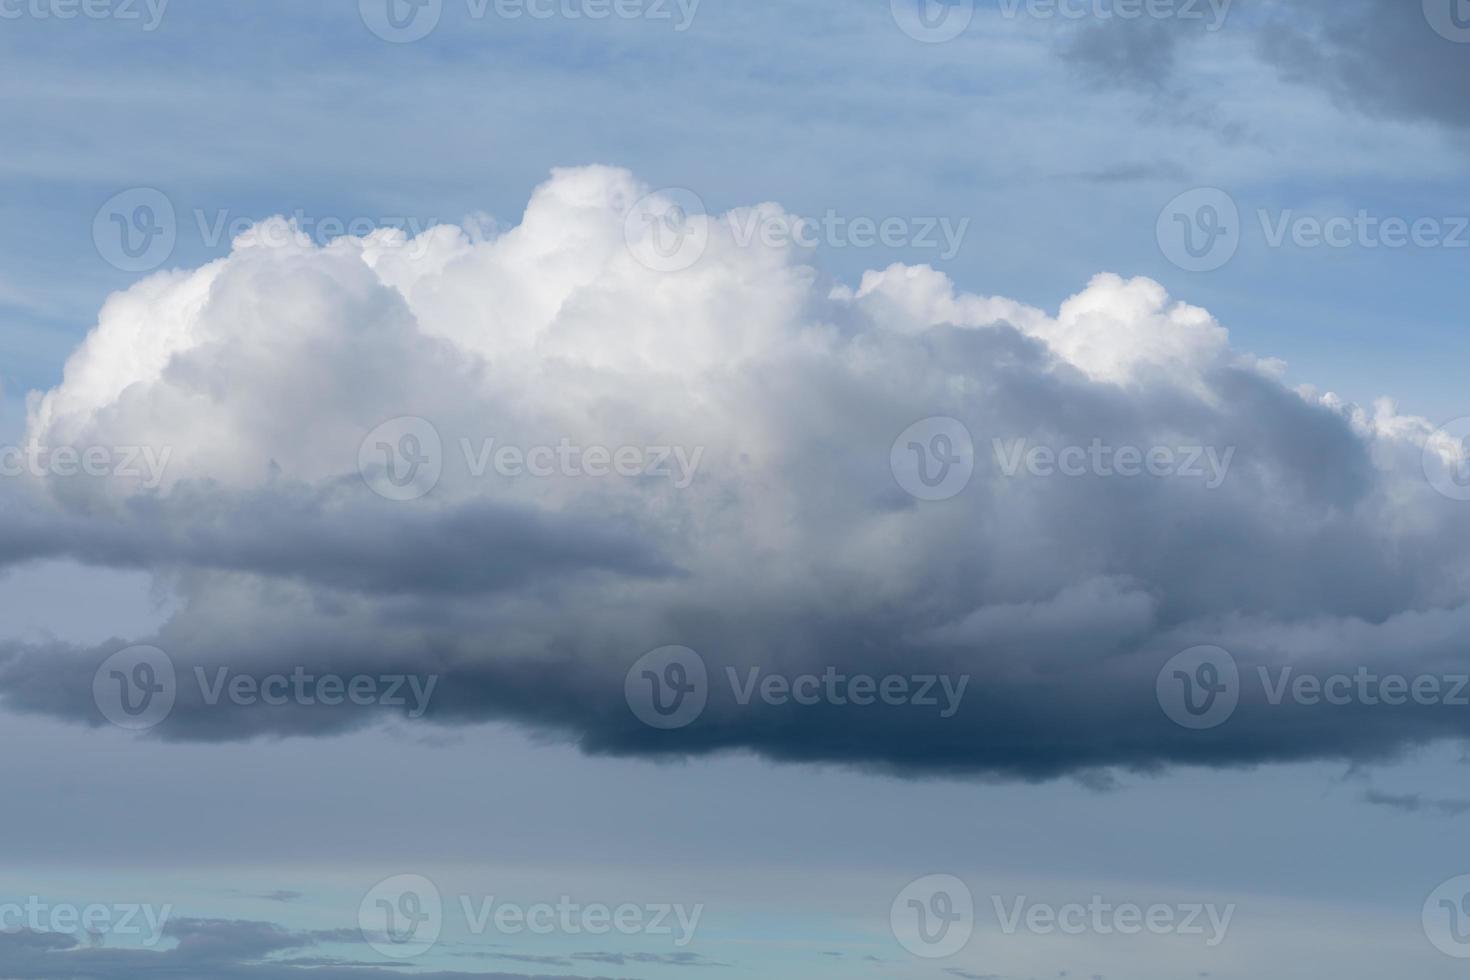 grote witte en grijze pluizige wolk in de lucht foto